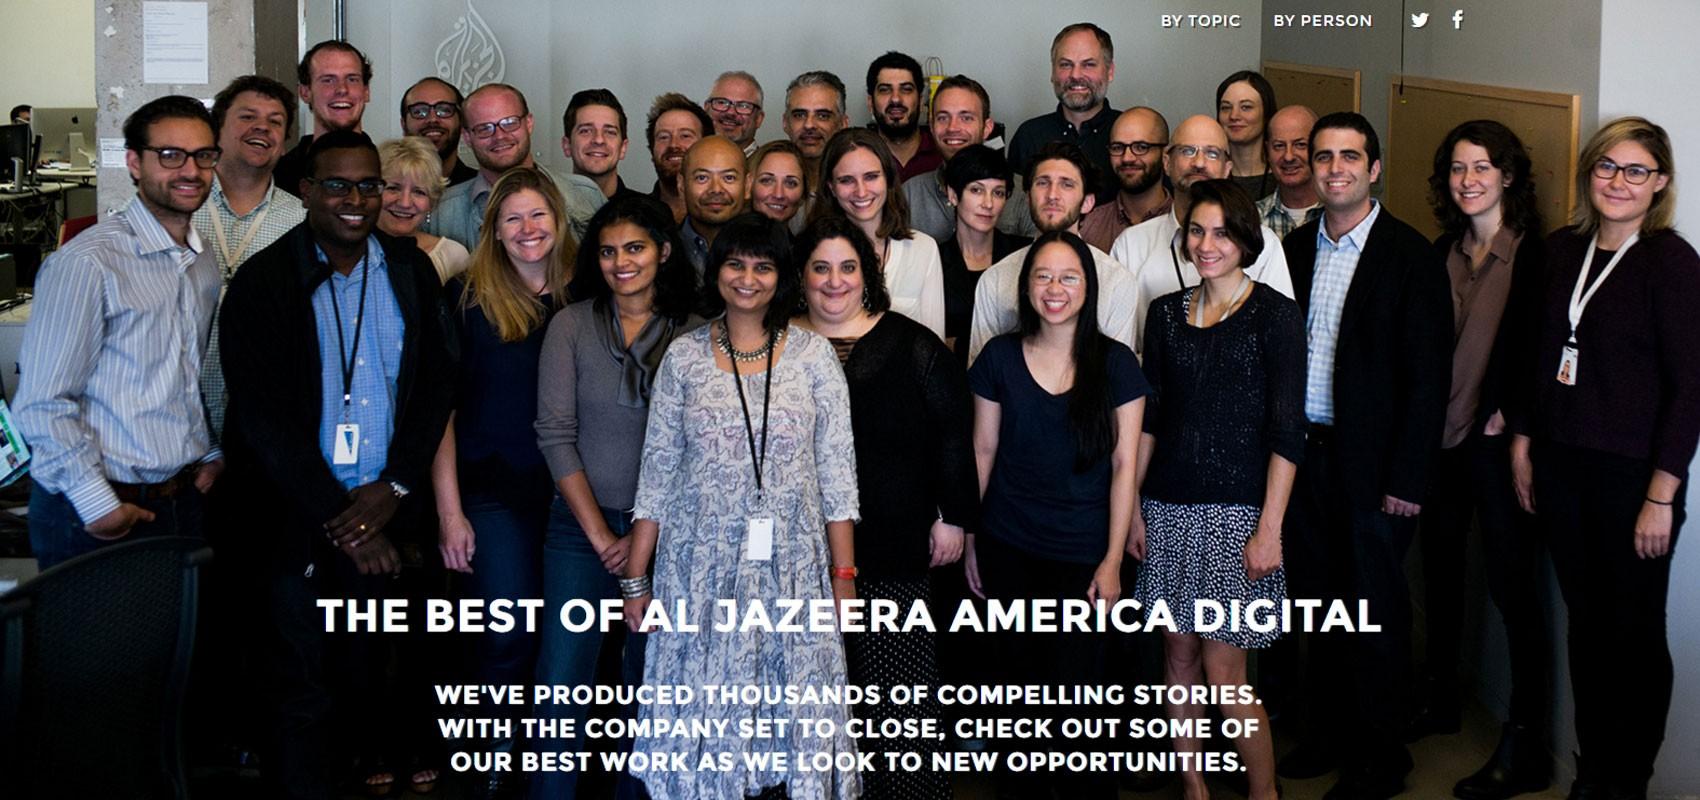 Site da emissora que está prestes a fechar tem foto da equipe e relembra os melhores trabalhos dos profissionais, lembrando que eles agora estão à procura e recolocação' (Foto: Al Jazeera America)